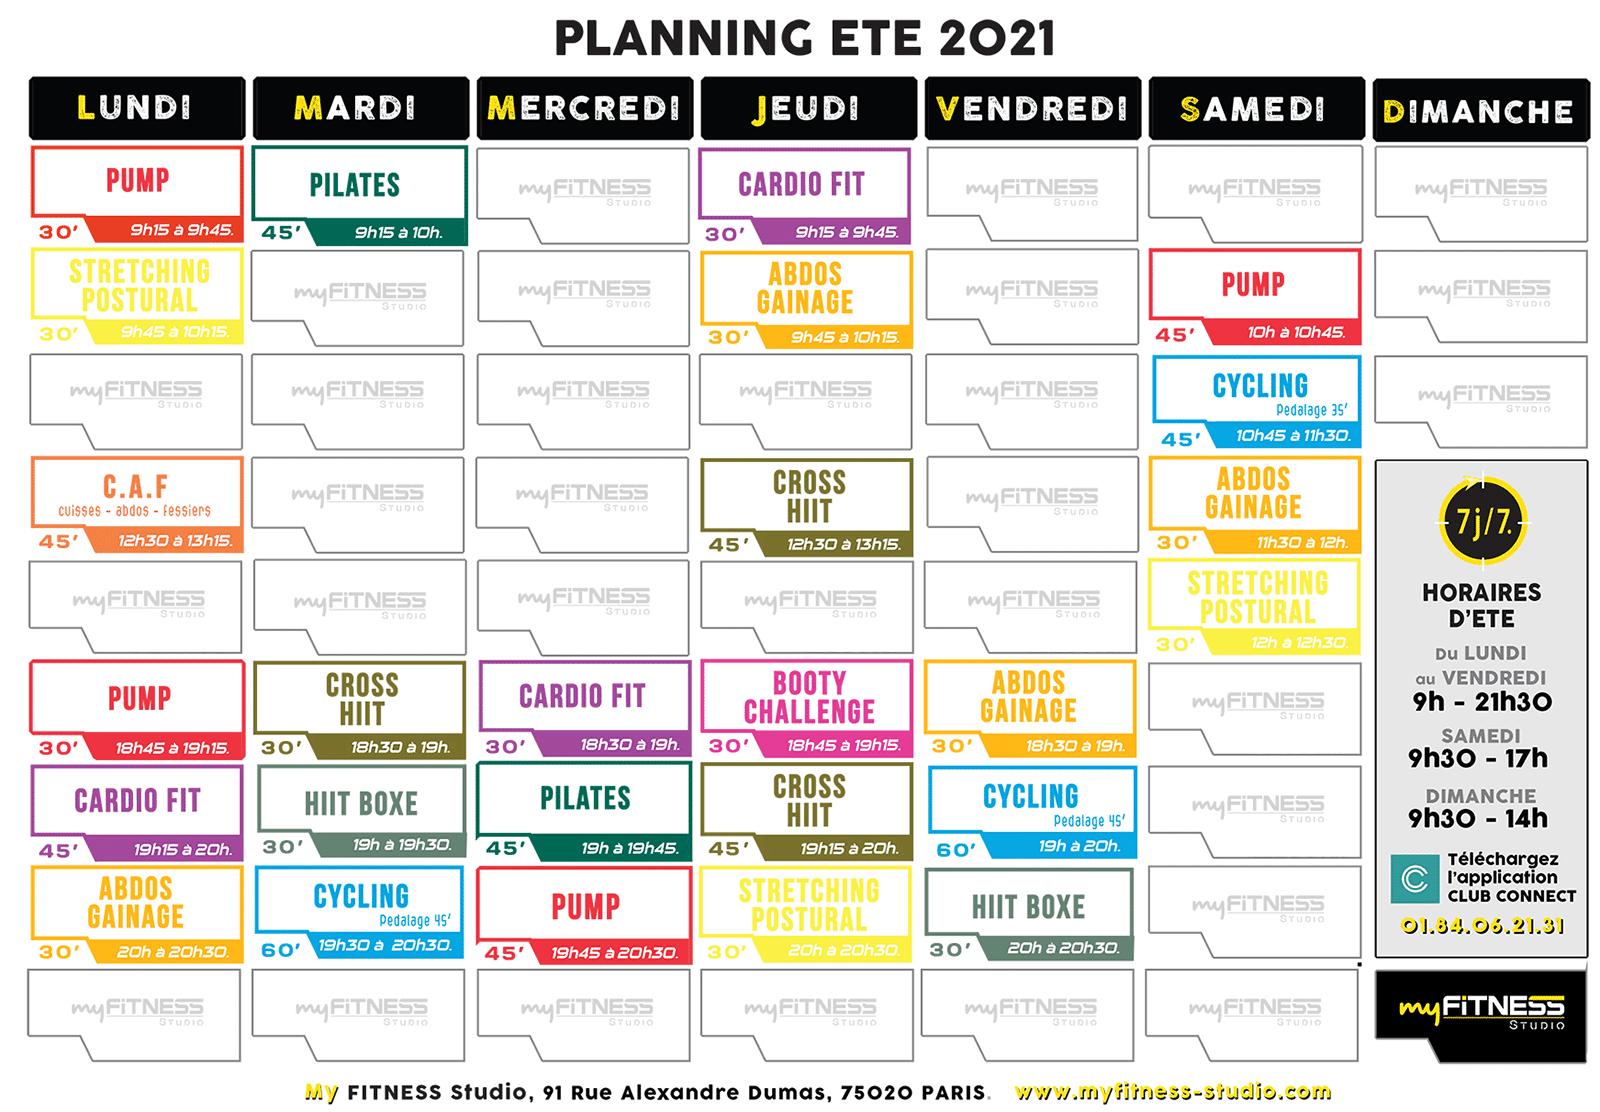 Planning été 2021